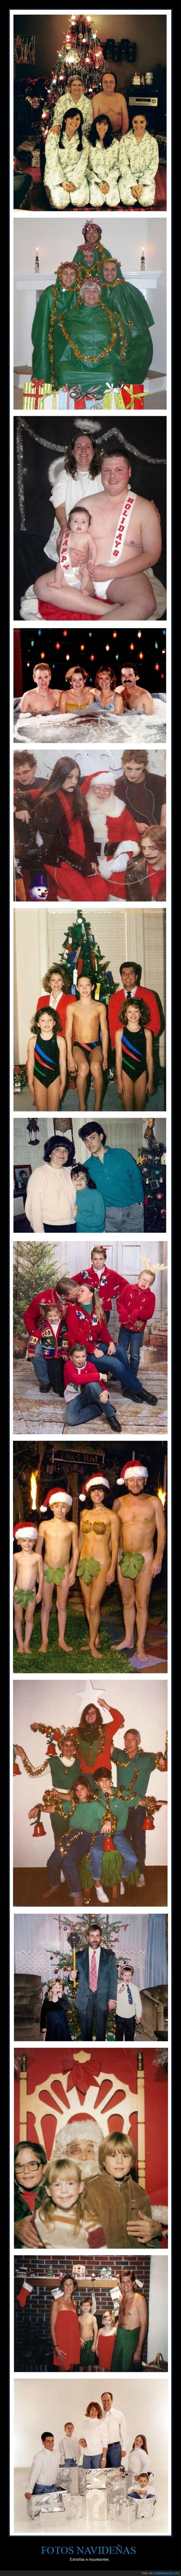 familias,fotos,naqvidad,wtf